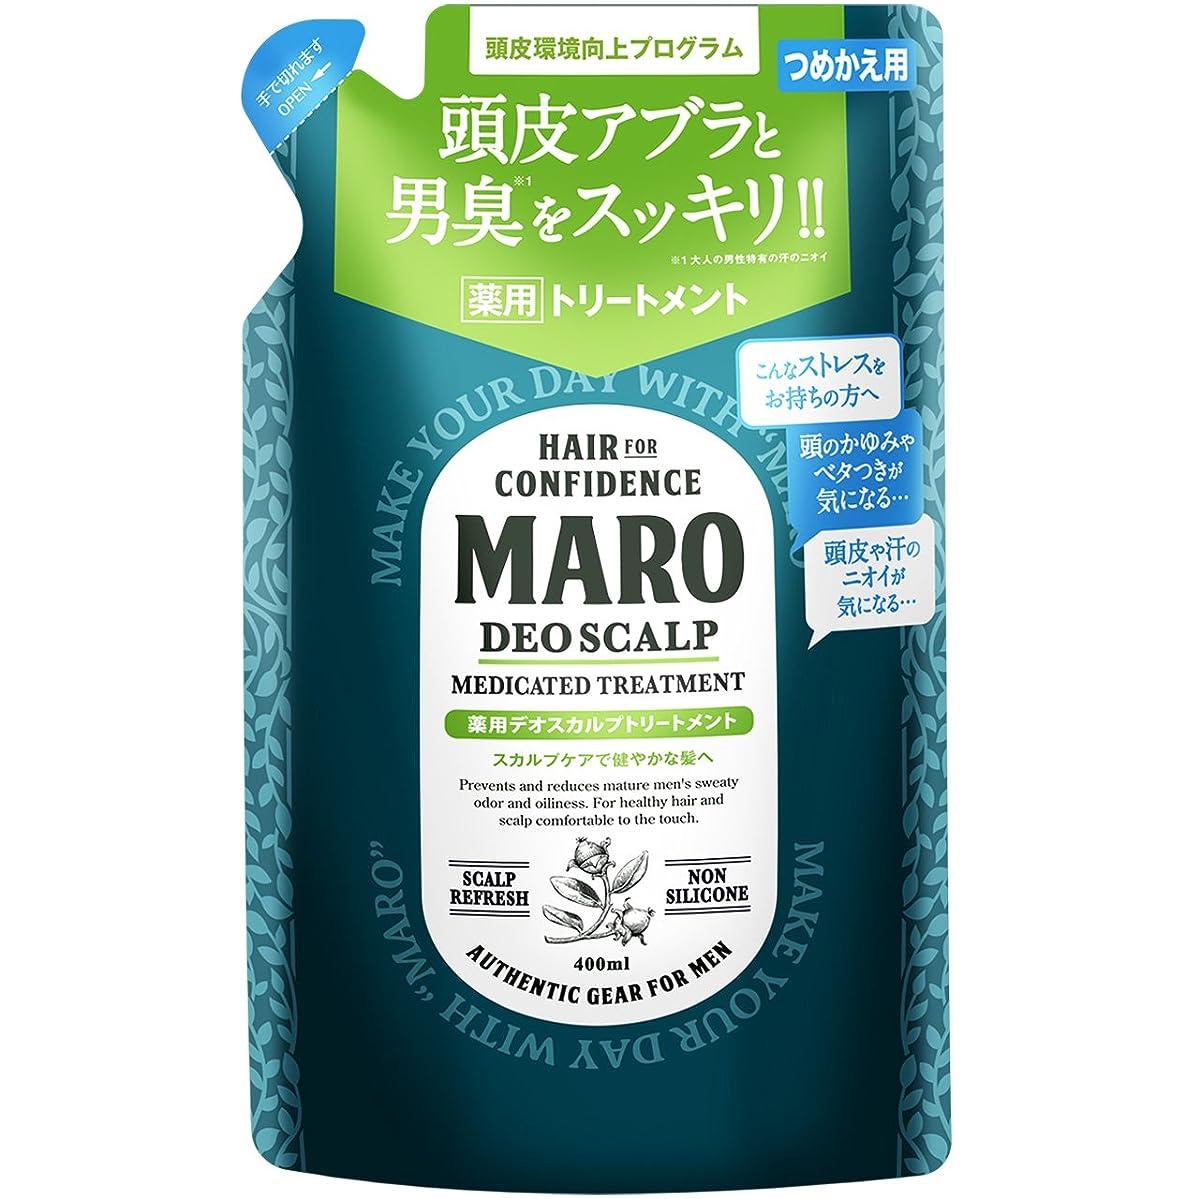 不公平ドラッグ原子MARO 薬用 デオスカルプ トリートメント 詰め替え 400ml 【医薬部外品】